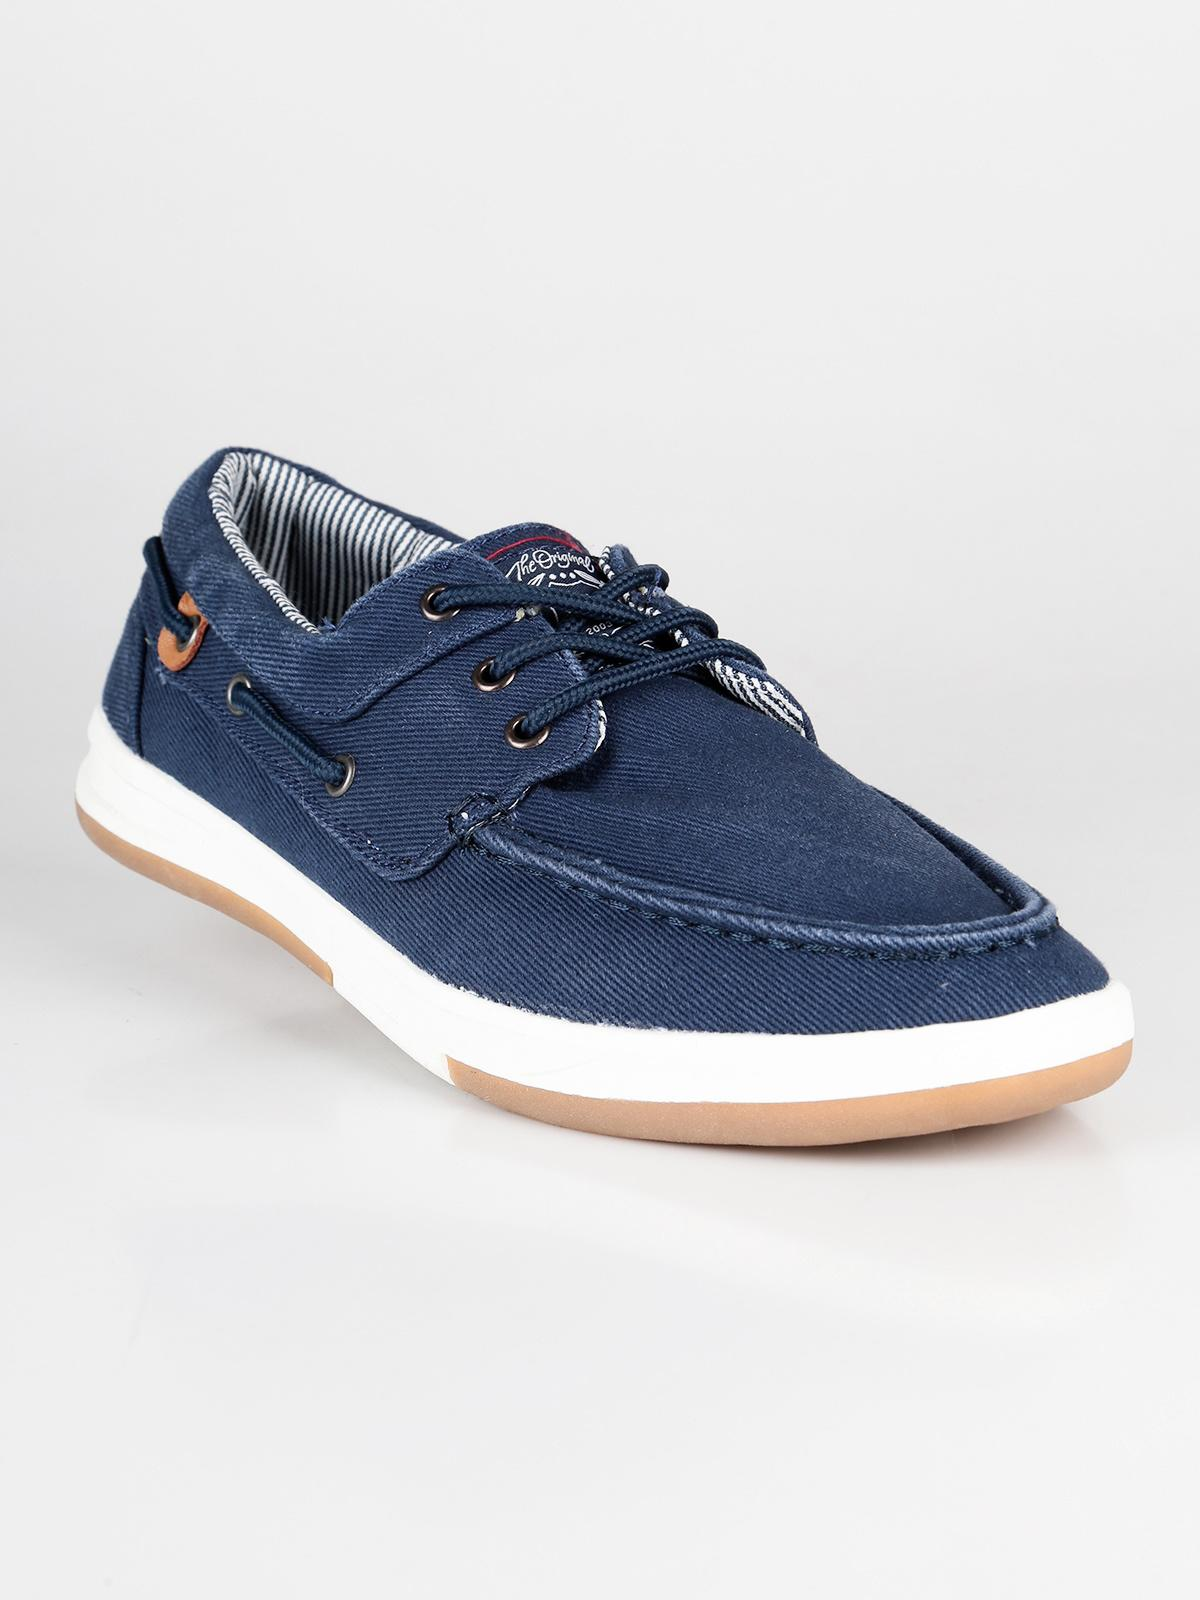 Scarpe da barca blu navy xti | MecShopping